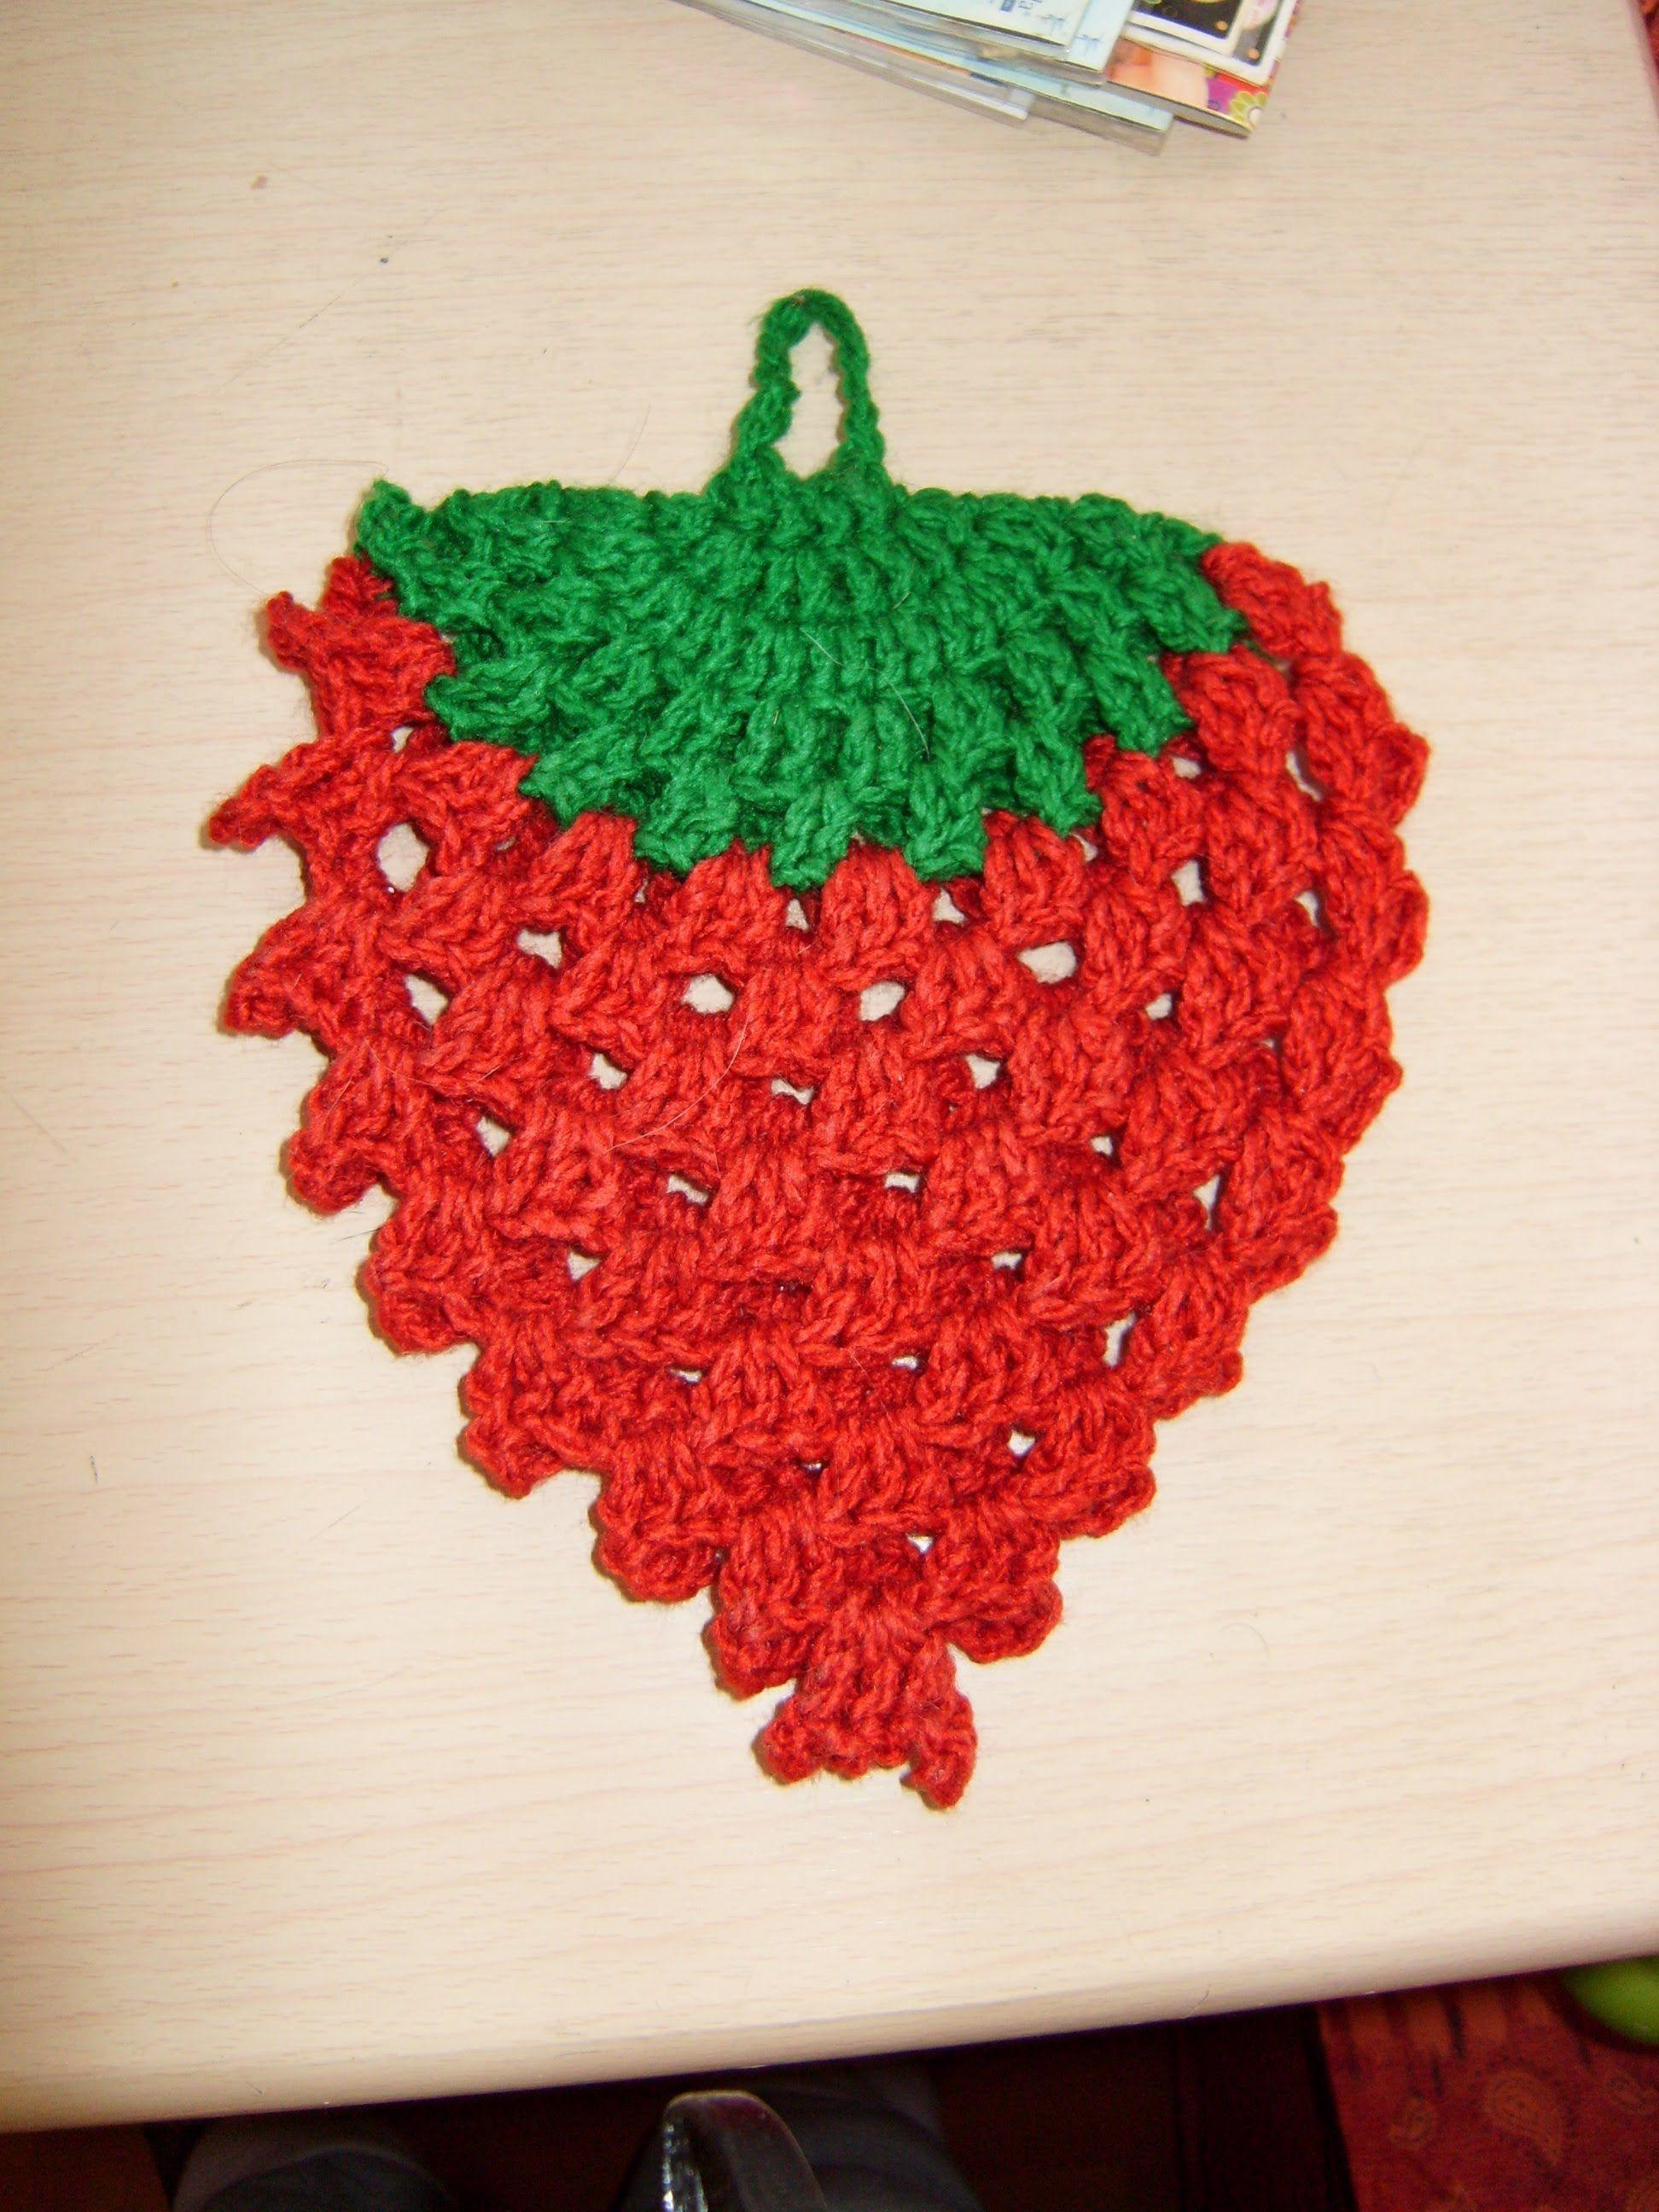 Tutorial de tejido en crochet agarradera con forma de Fresa 1 de 3 ...